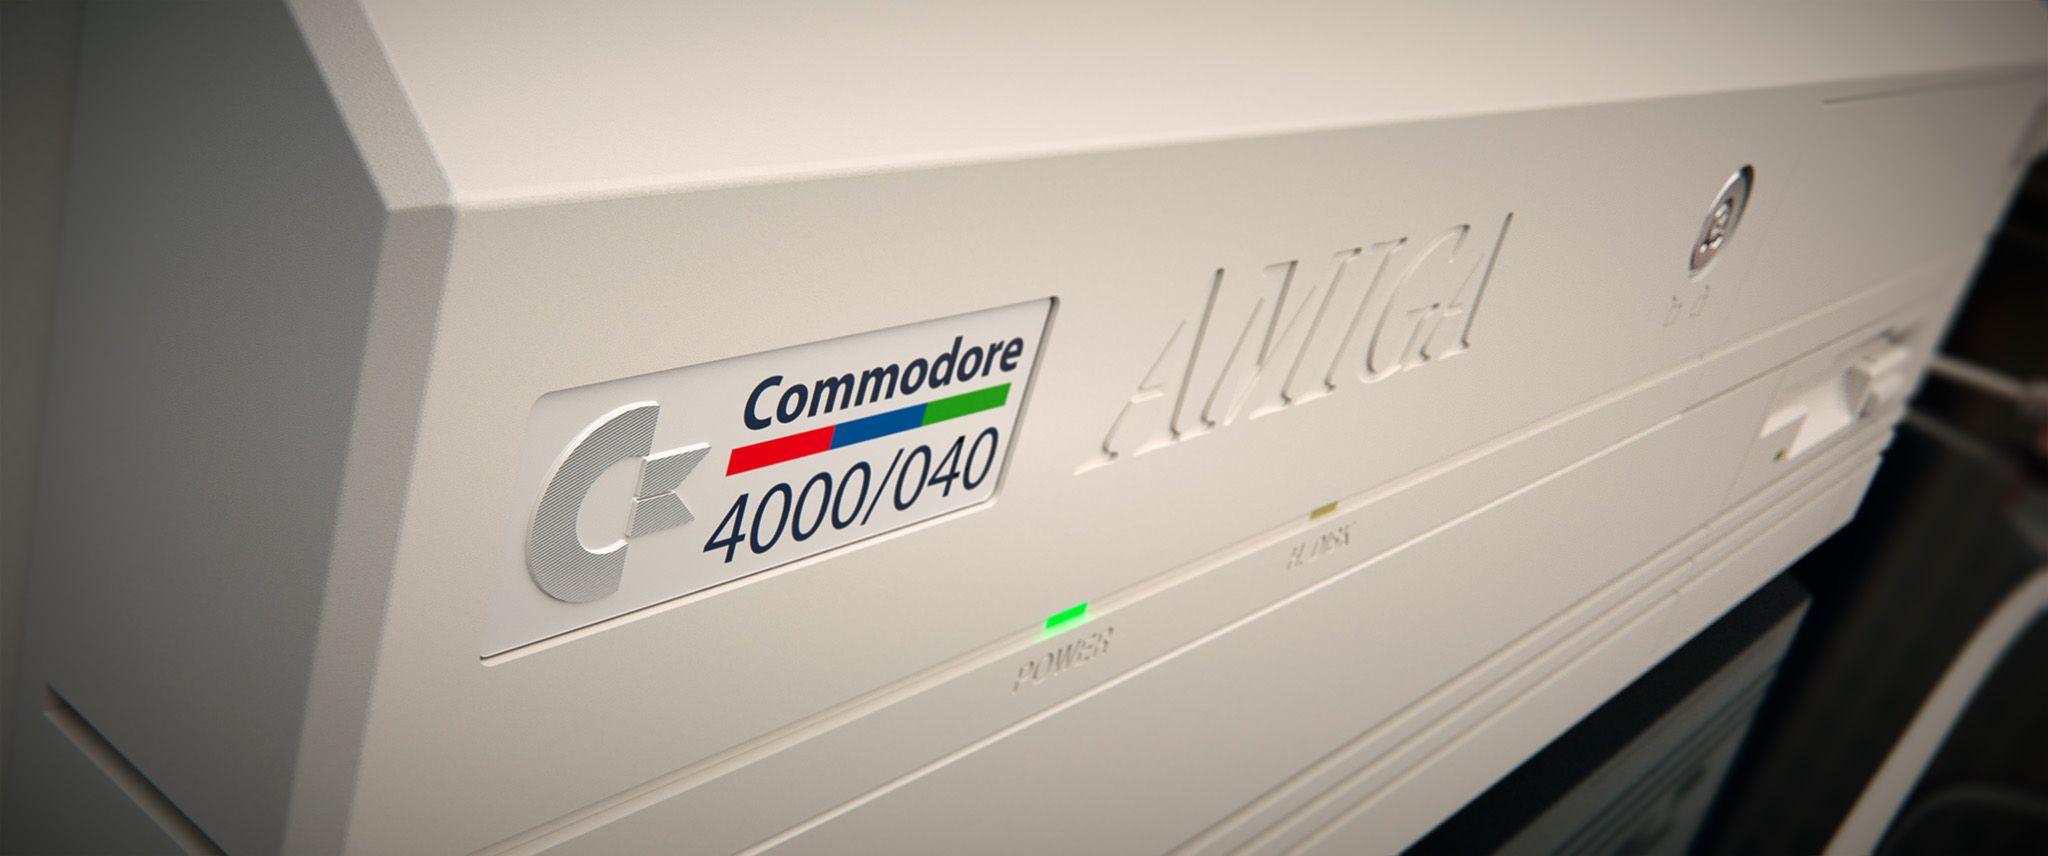 3d Model Of Commodore Amiga 4000 With Monitor 1930 Commodore